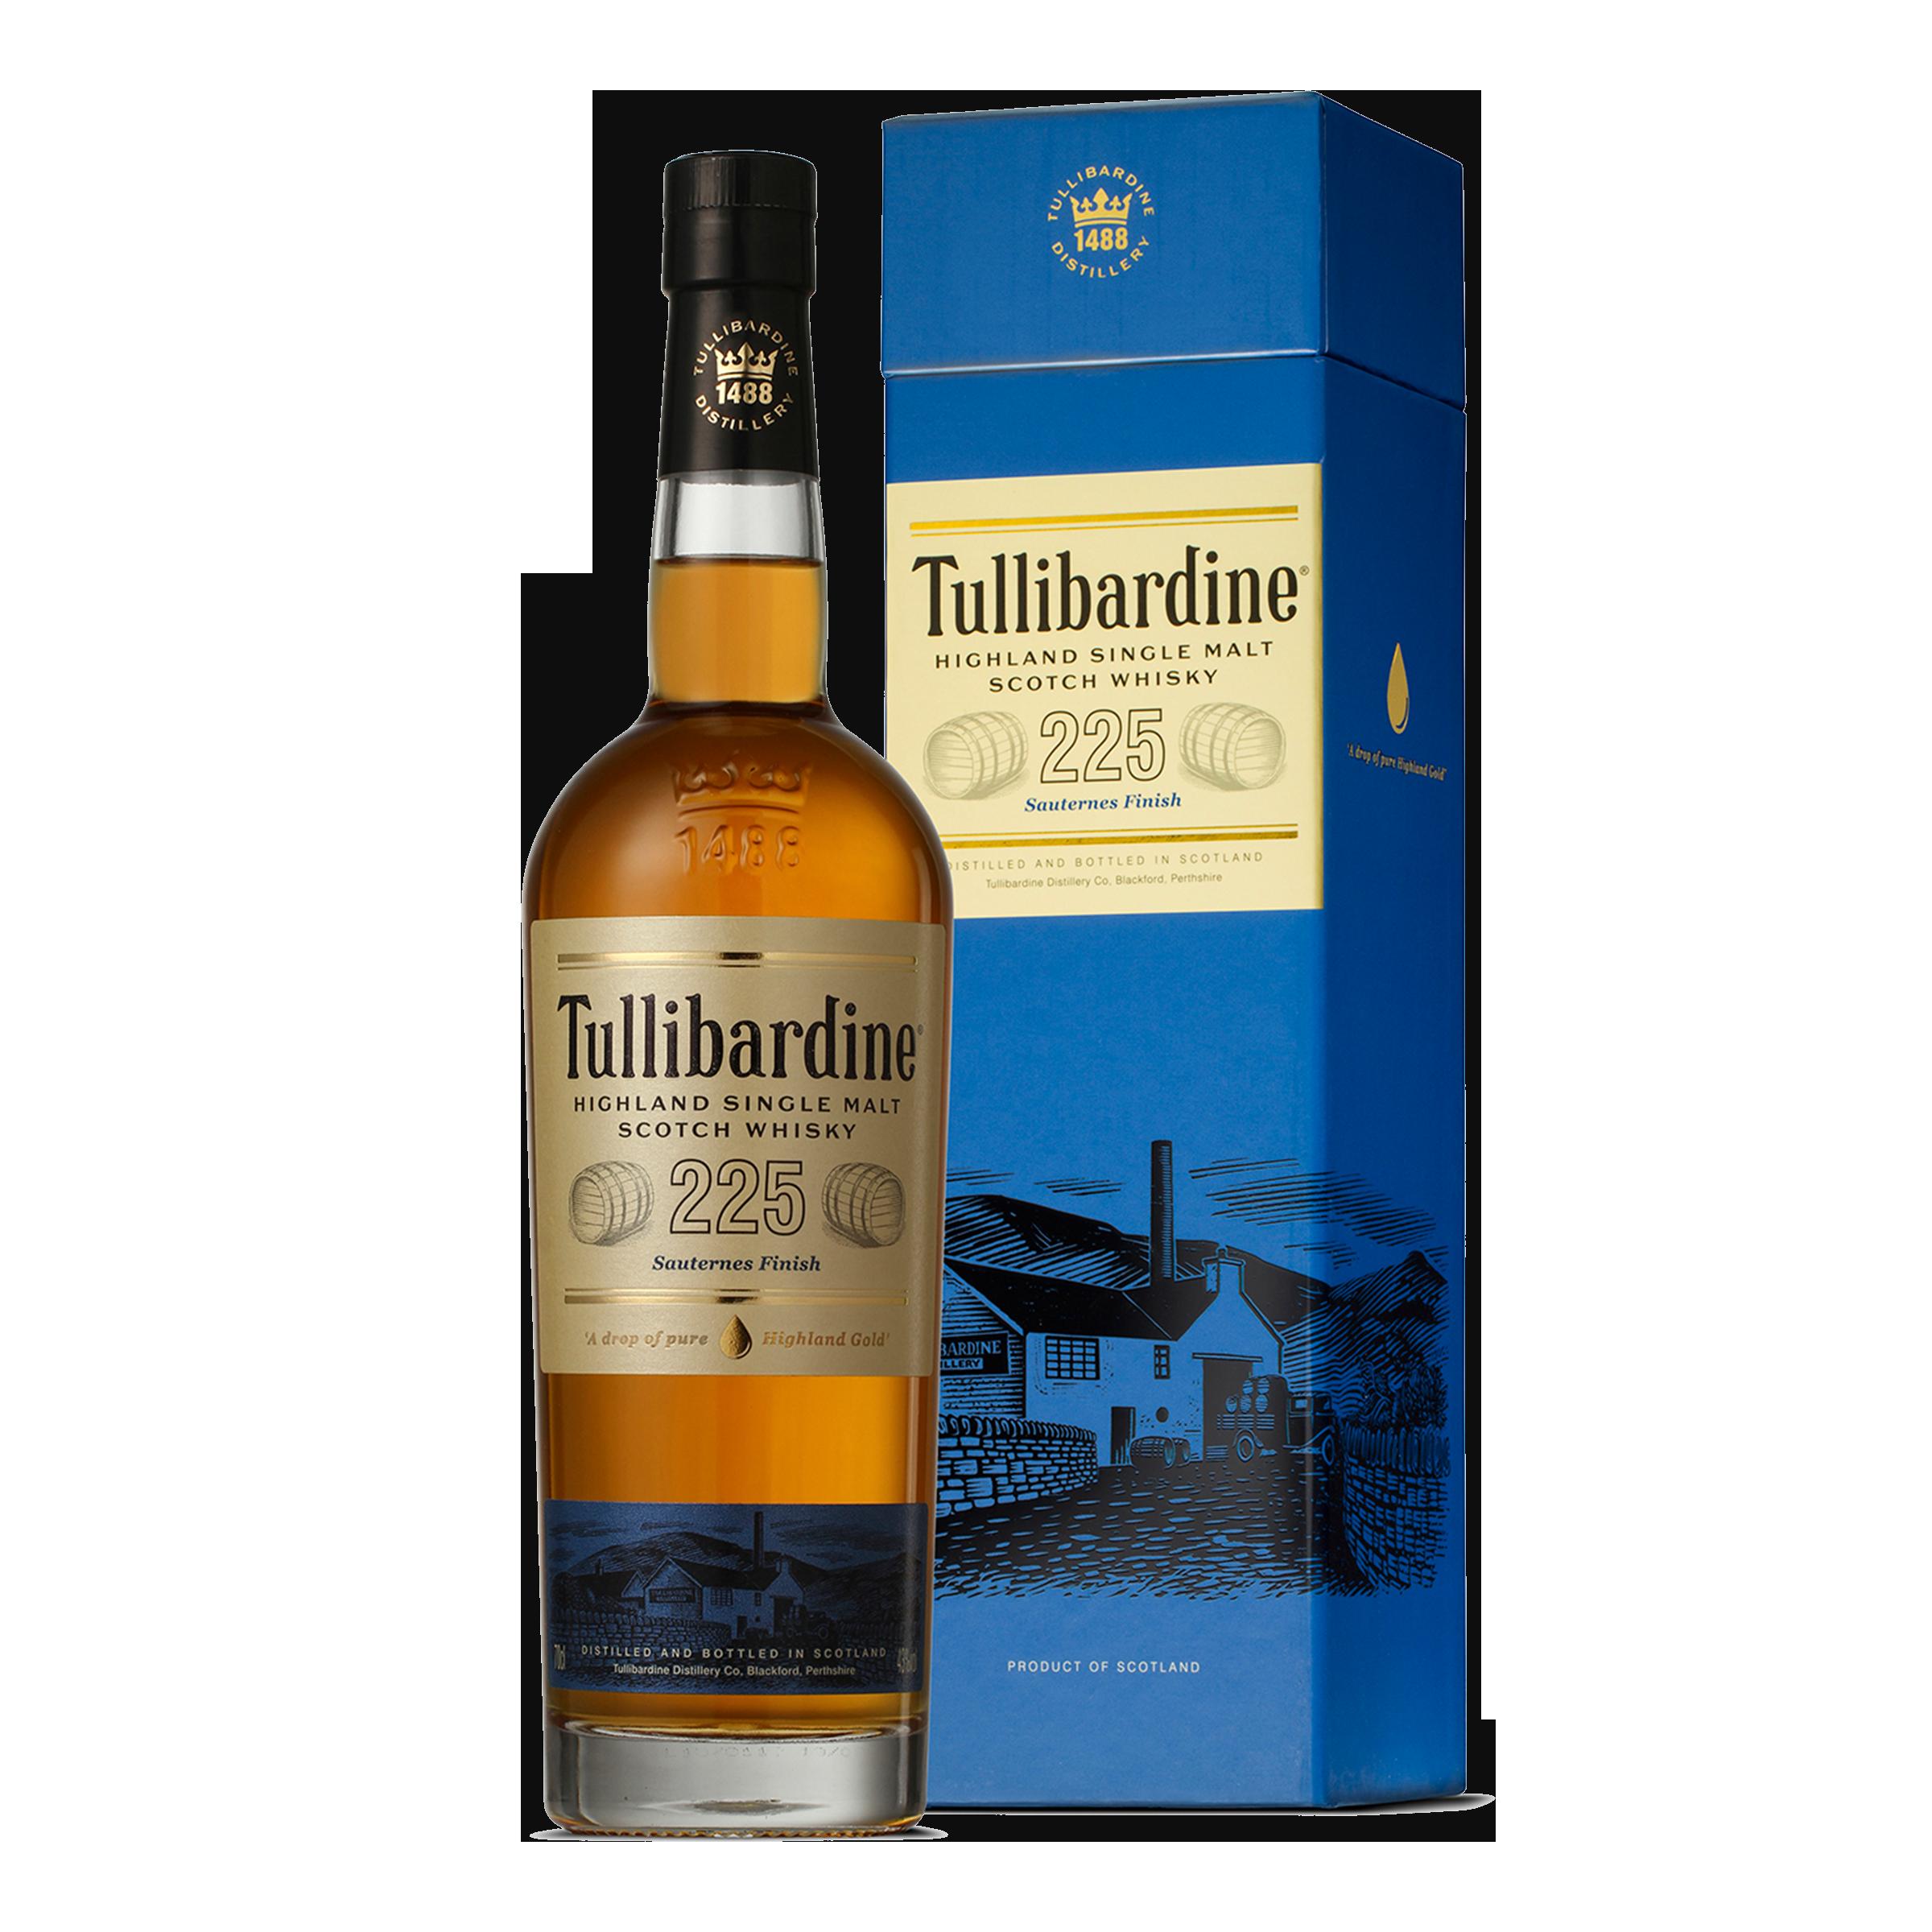 Tullibardine Sauternes Finish 225 700ml Boxed